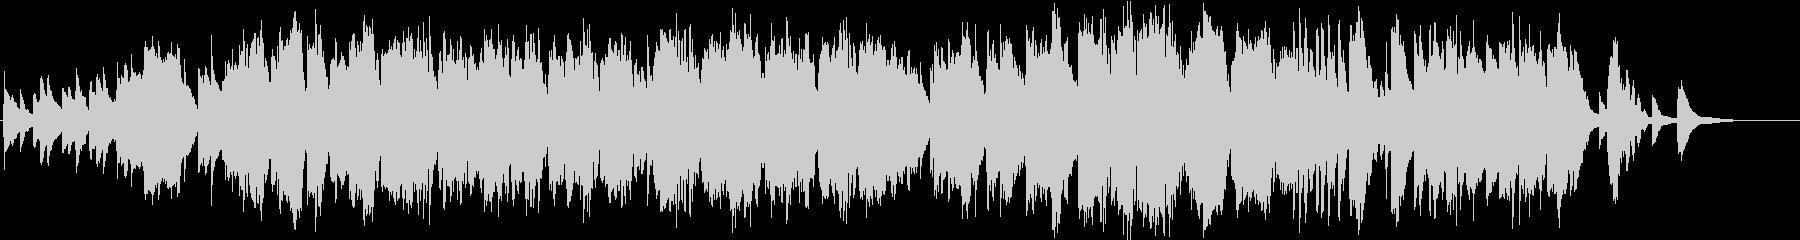 笛とピアノによるアンビエントな小曲の未再生の波形